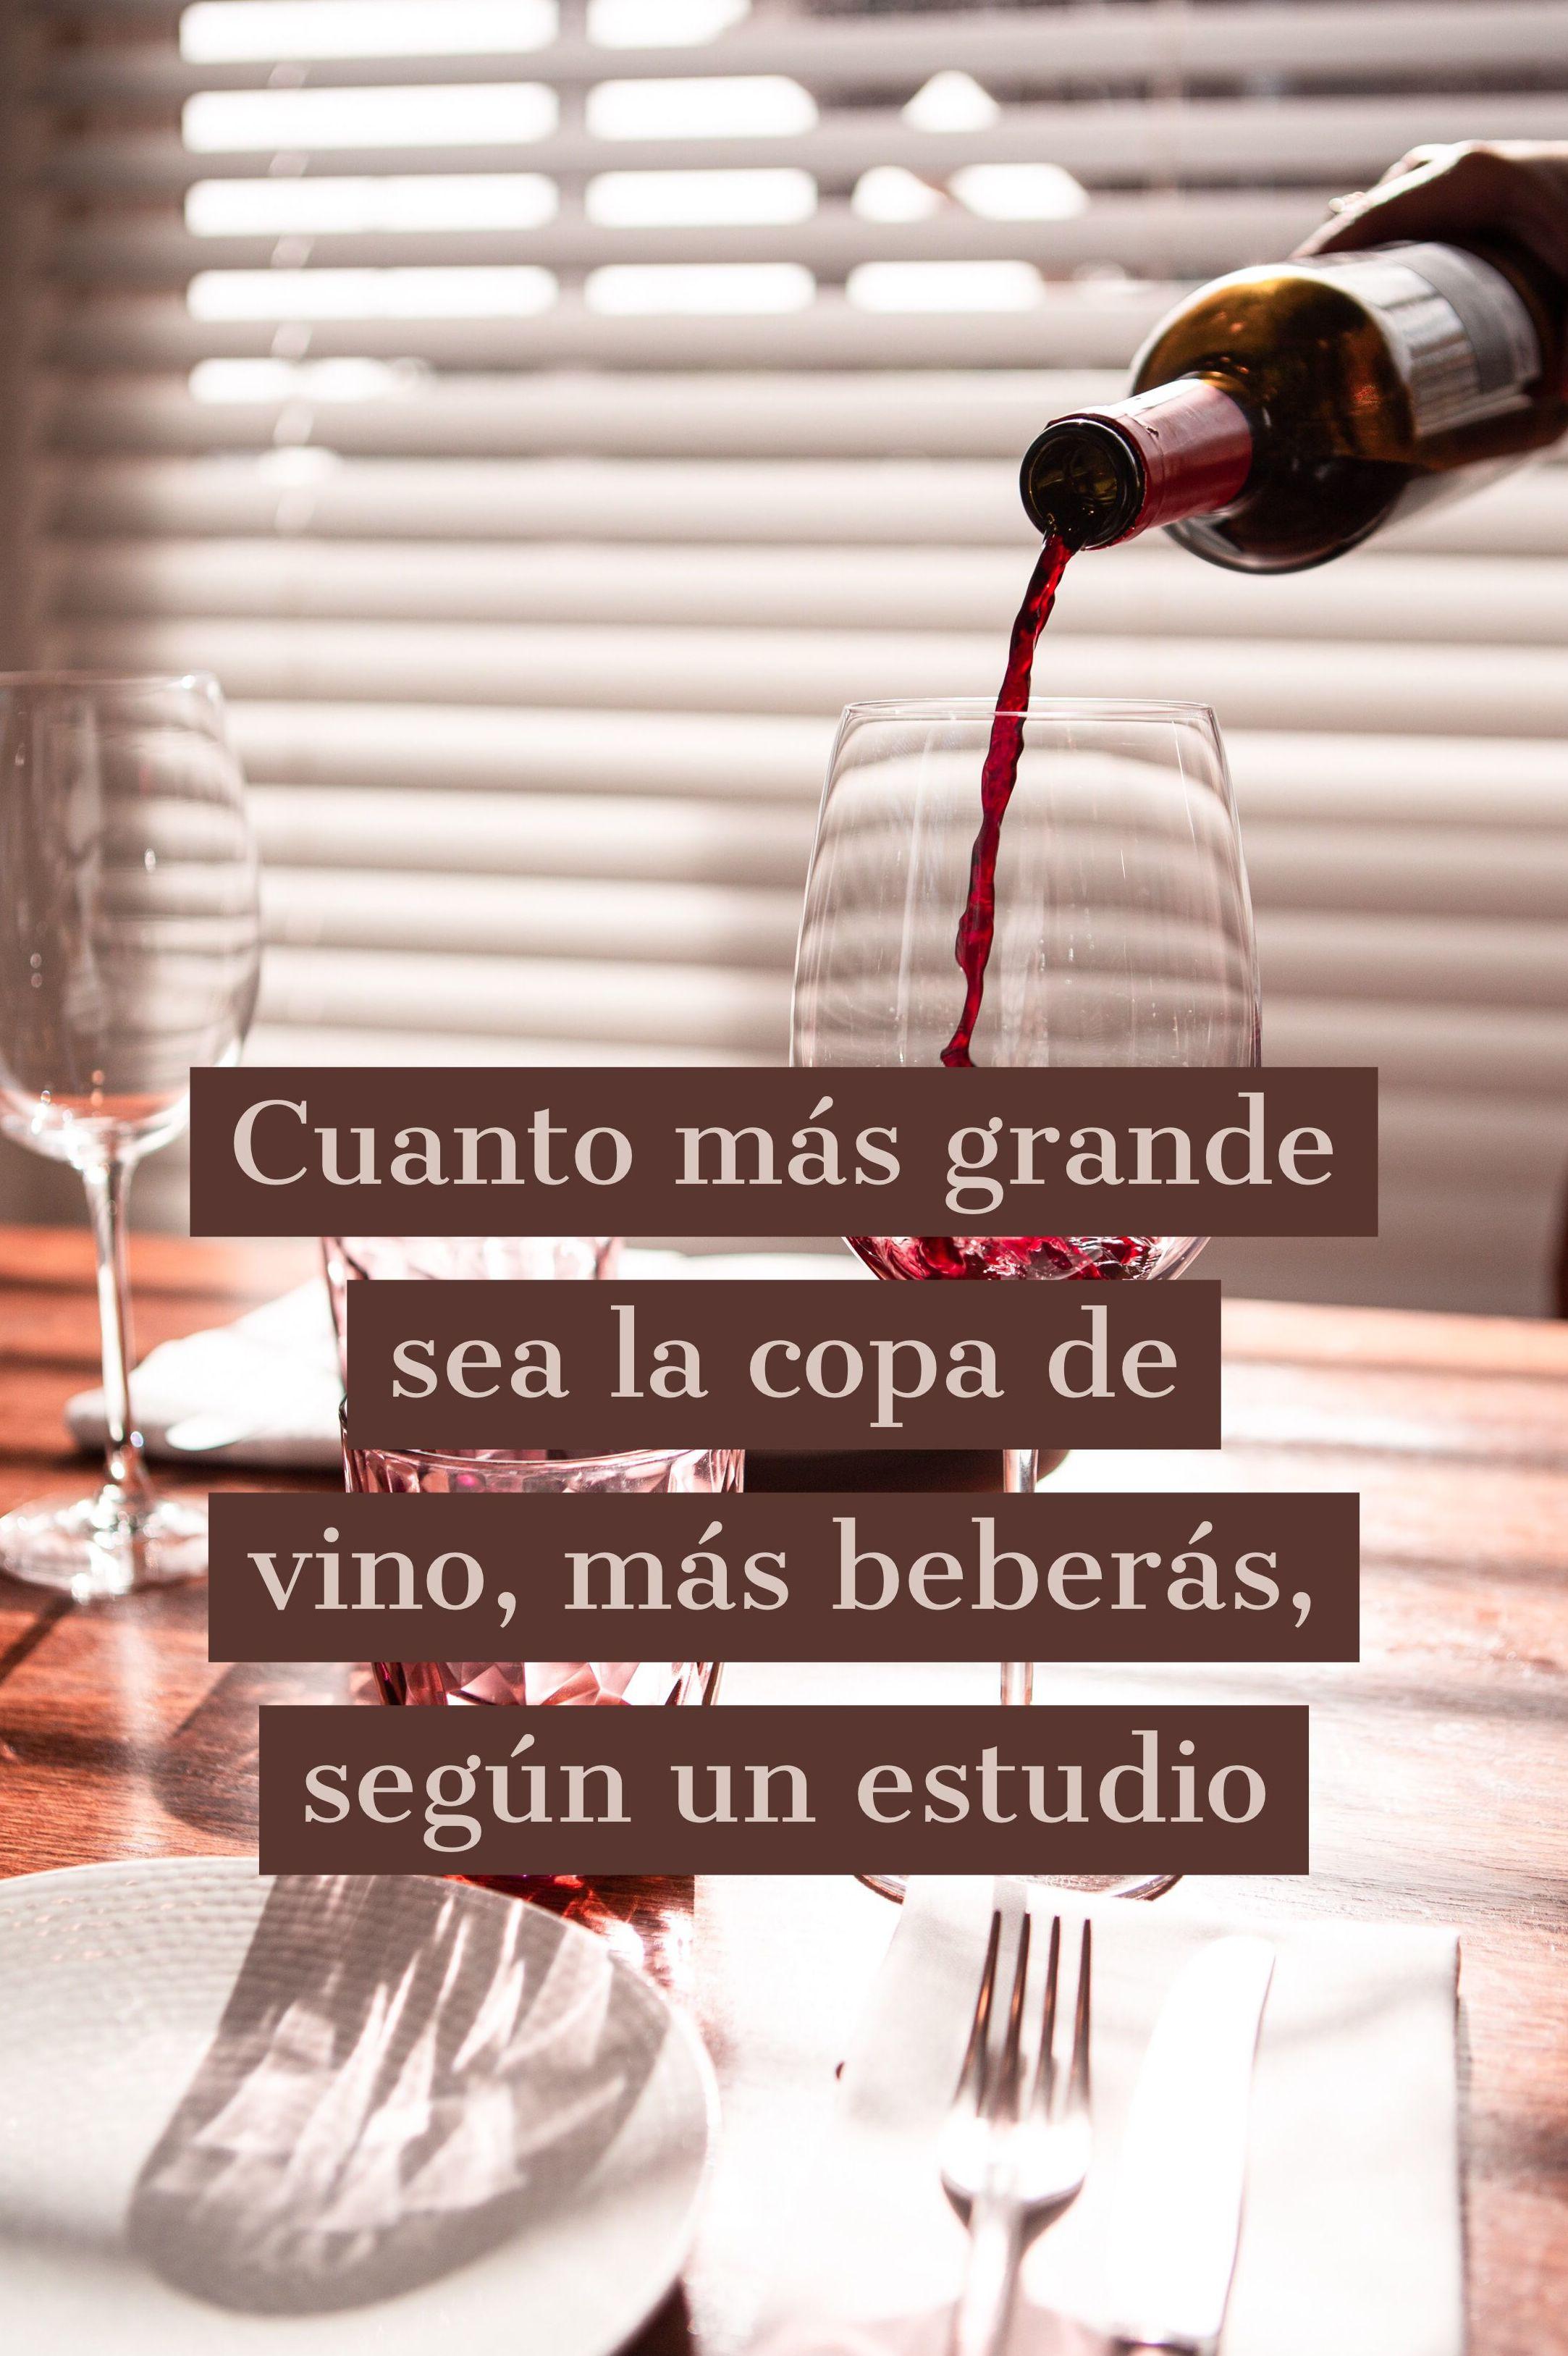 Cuanto más grande sea la copa de vino, más beberás, según un estudio